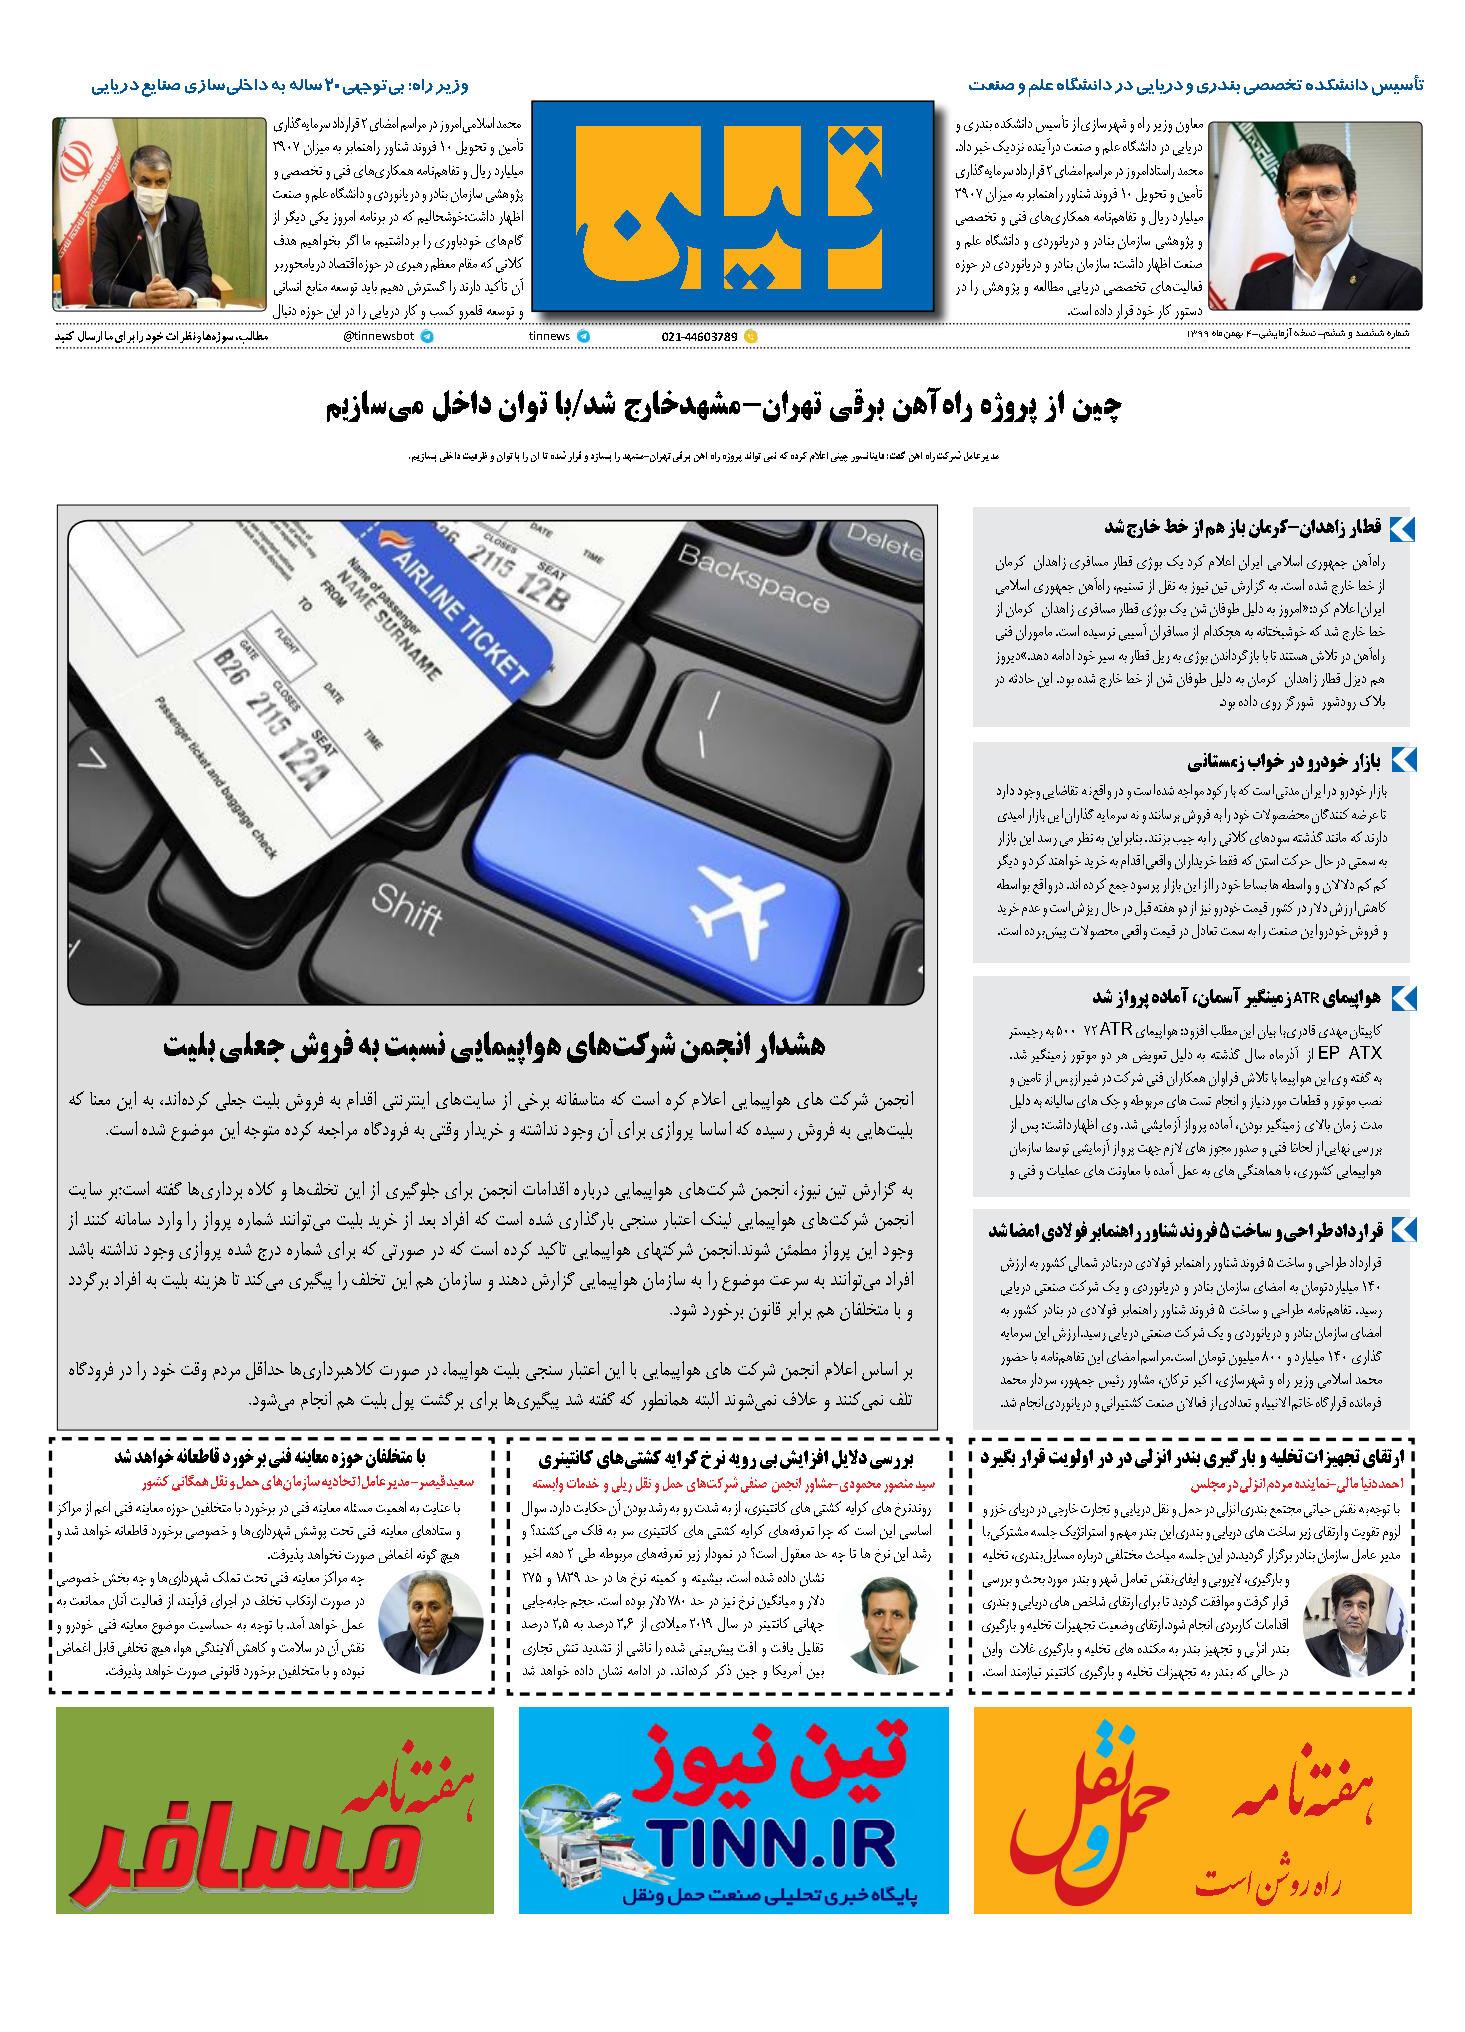 روزنامه الکترونیک 4 بهمن ماه 99